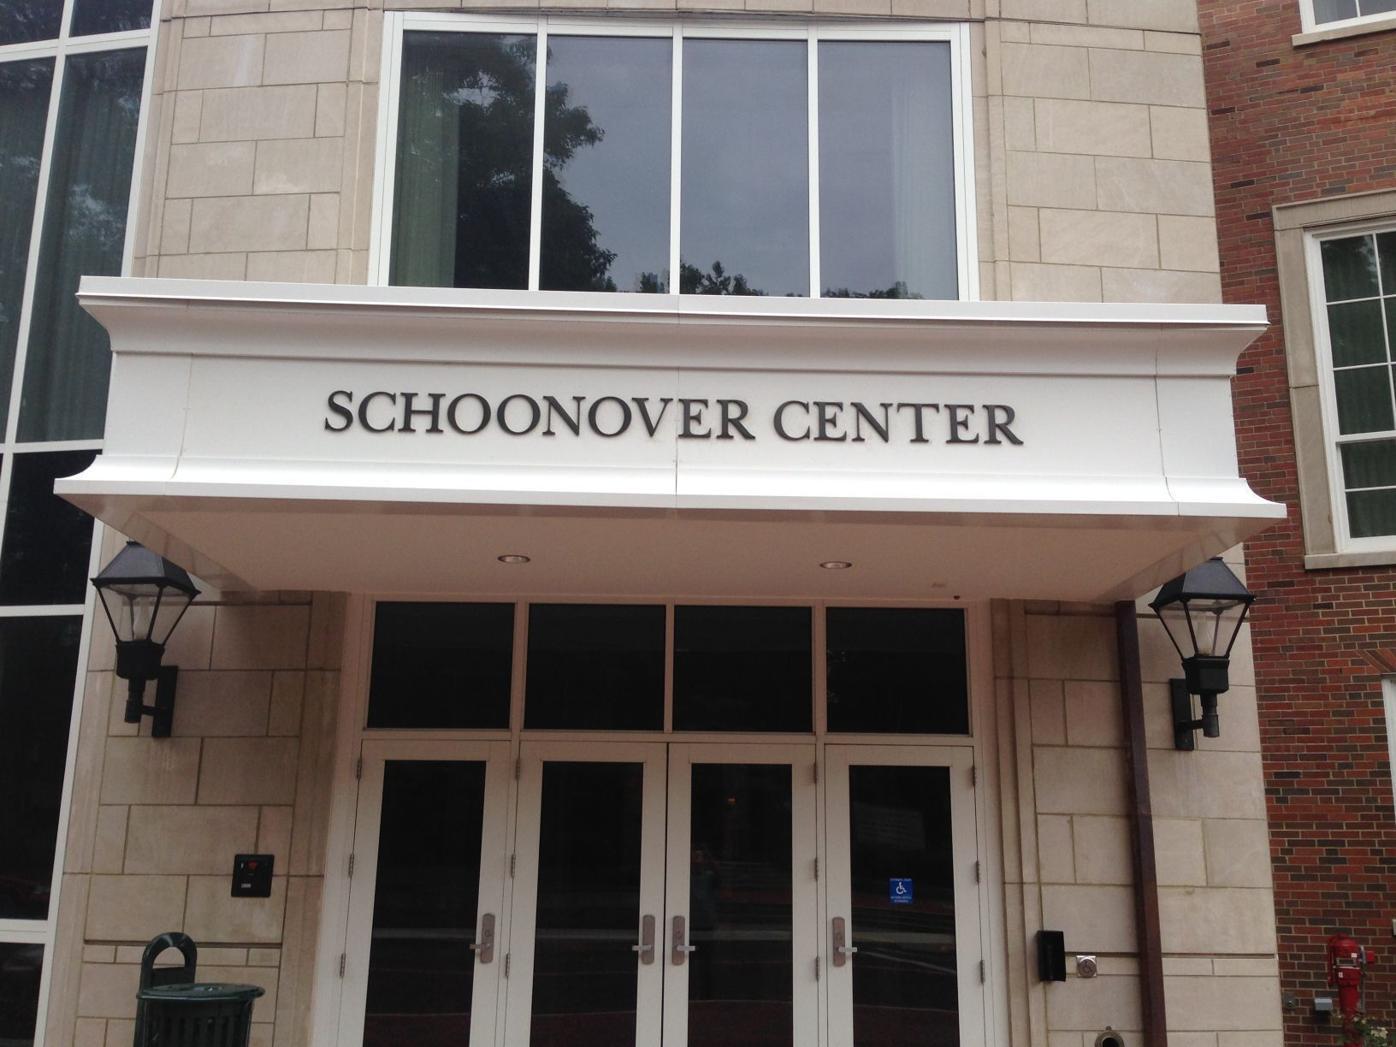 Schoonover Center